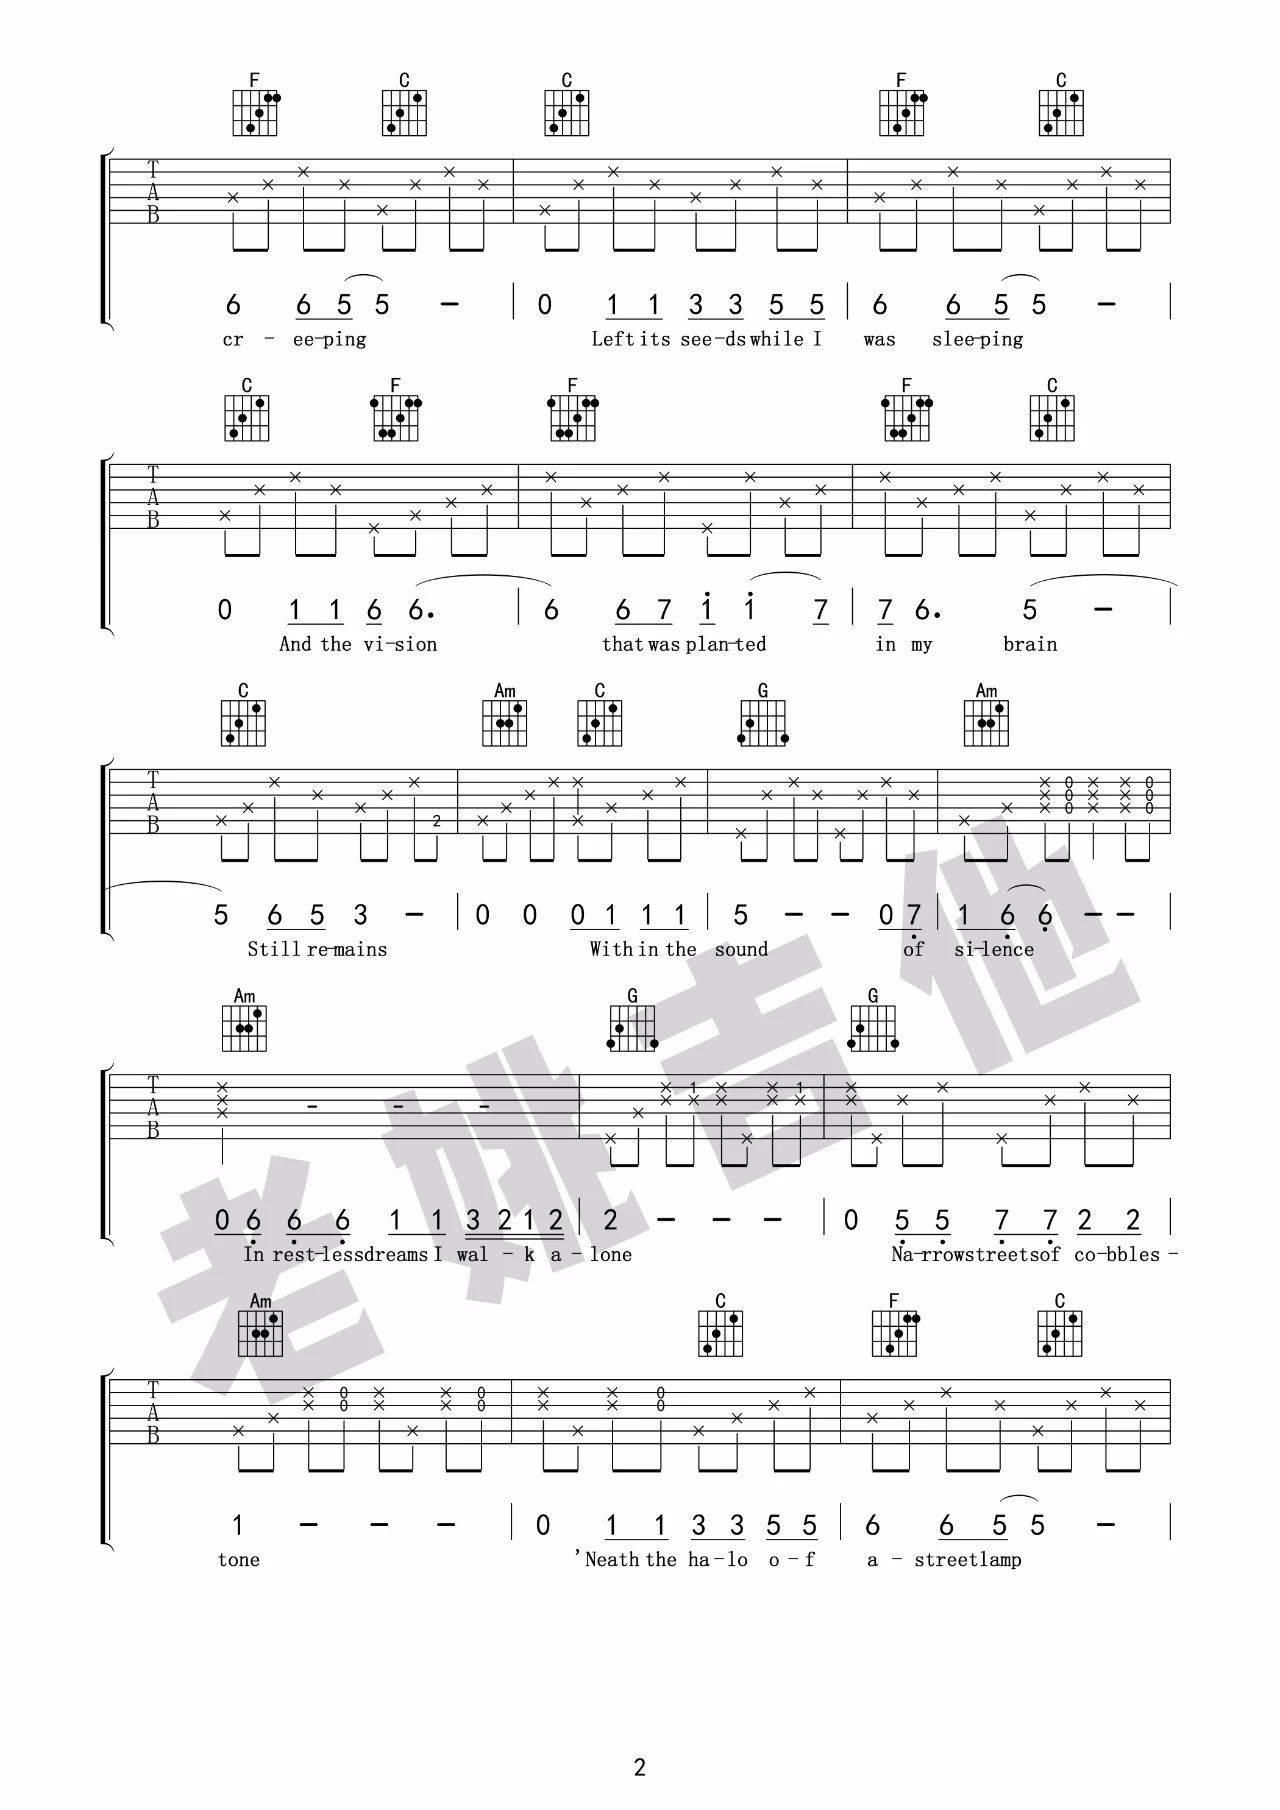 吉他派《寂静之声》吉他谱-2